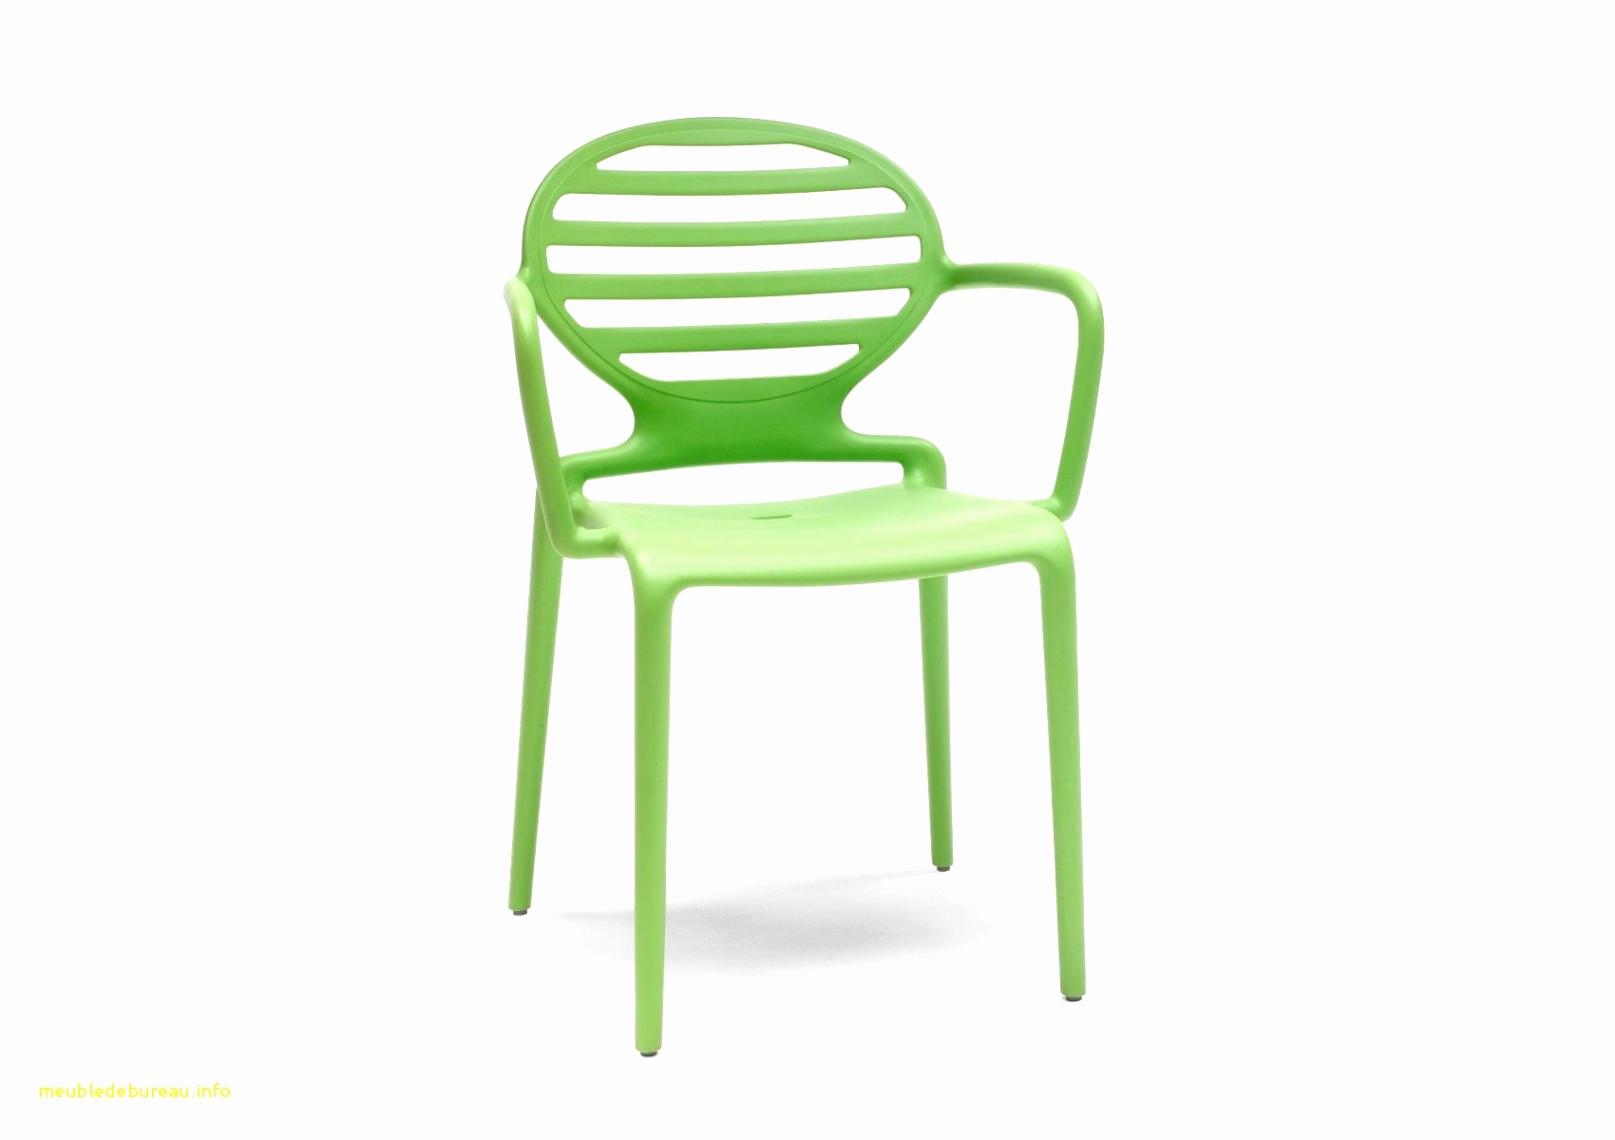 Solde Salon De Jardin Beau Chaise De Salon Pas Cher Beau Chaise Design Cuir Chaise